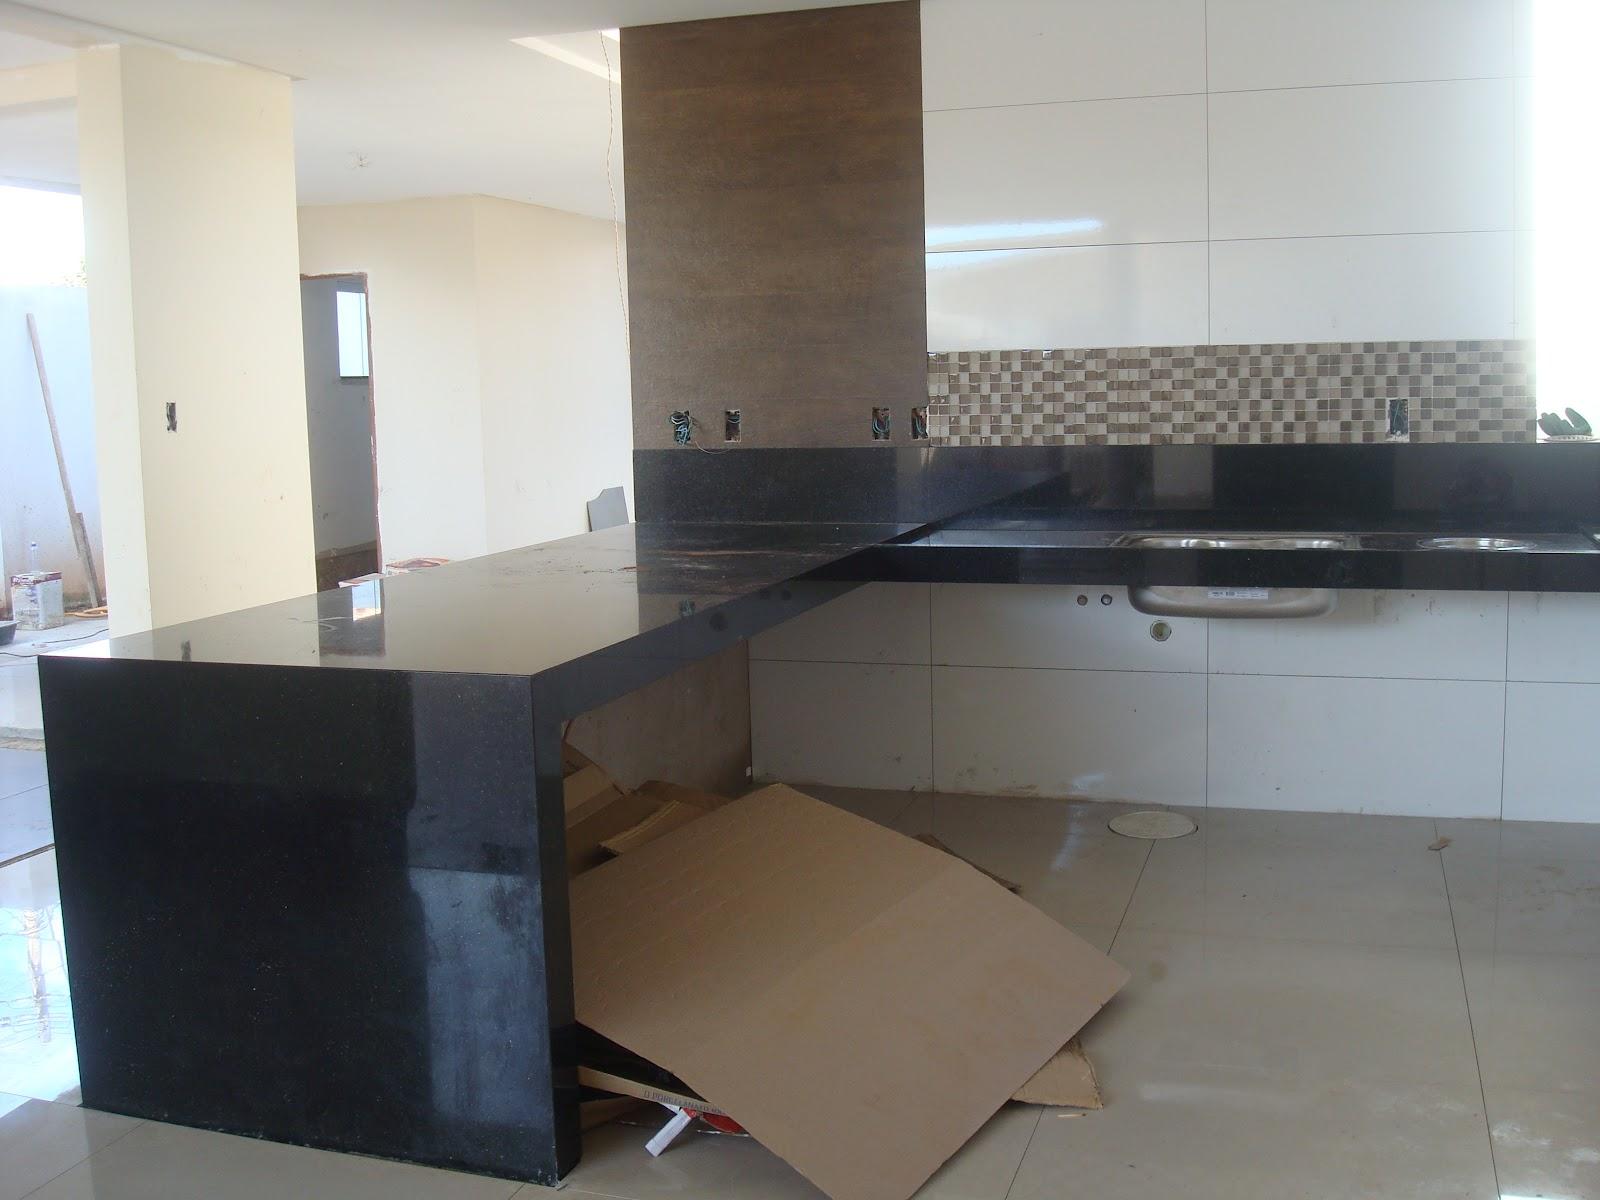 Os armário de cima começa depois daquela parede madeirada e acima  #5D4C3C 1600x1200 Banheiro Com Janela Em Cima Da Pia